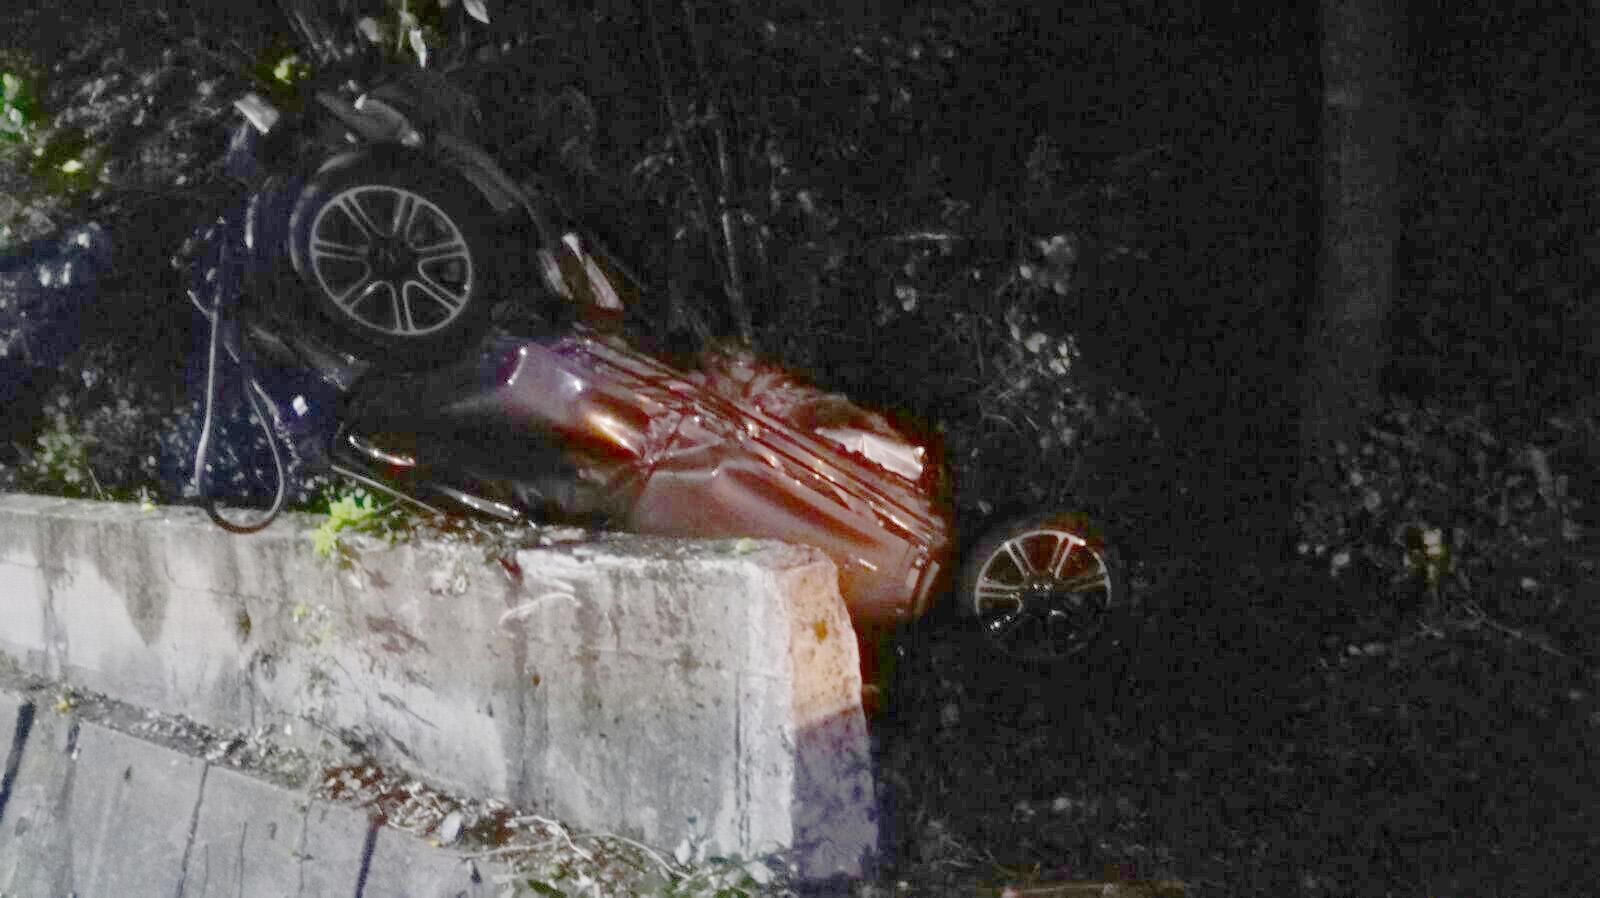 INCIDENTE MORTALE SULLA 460 - PERDE LA VITA L'IMPRENDITORE GIAMPIERO MATTIODA - FOTO